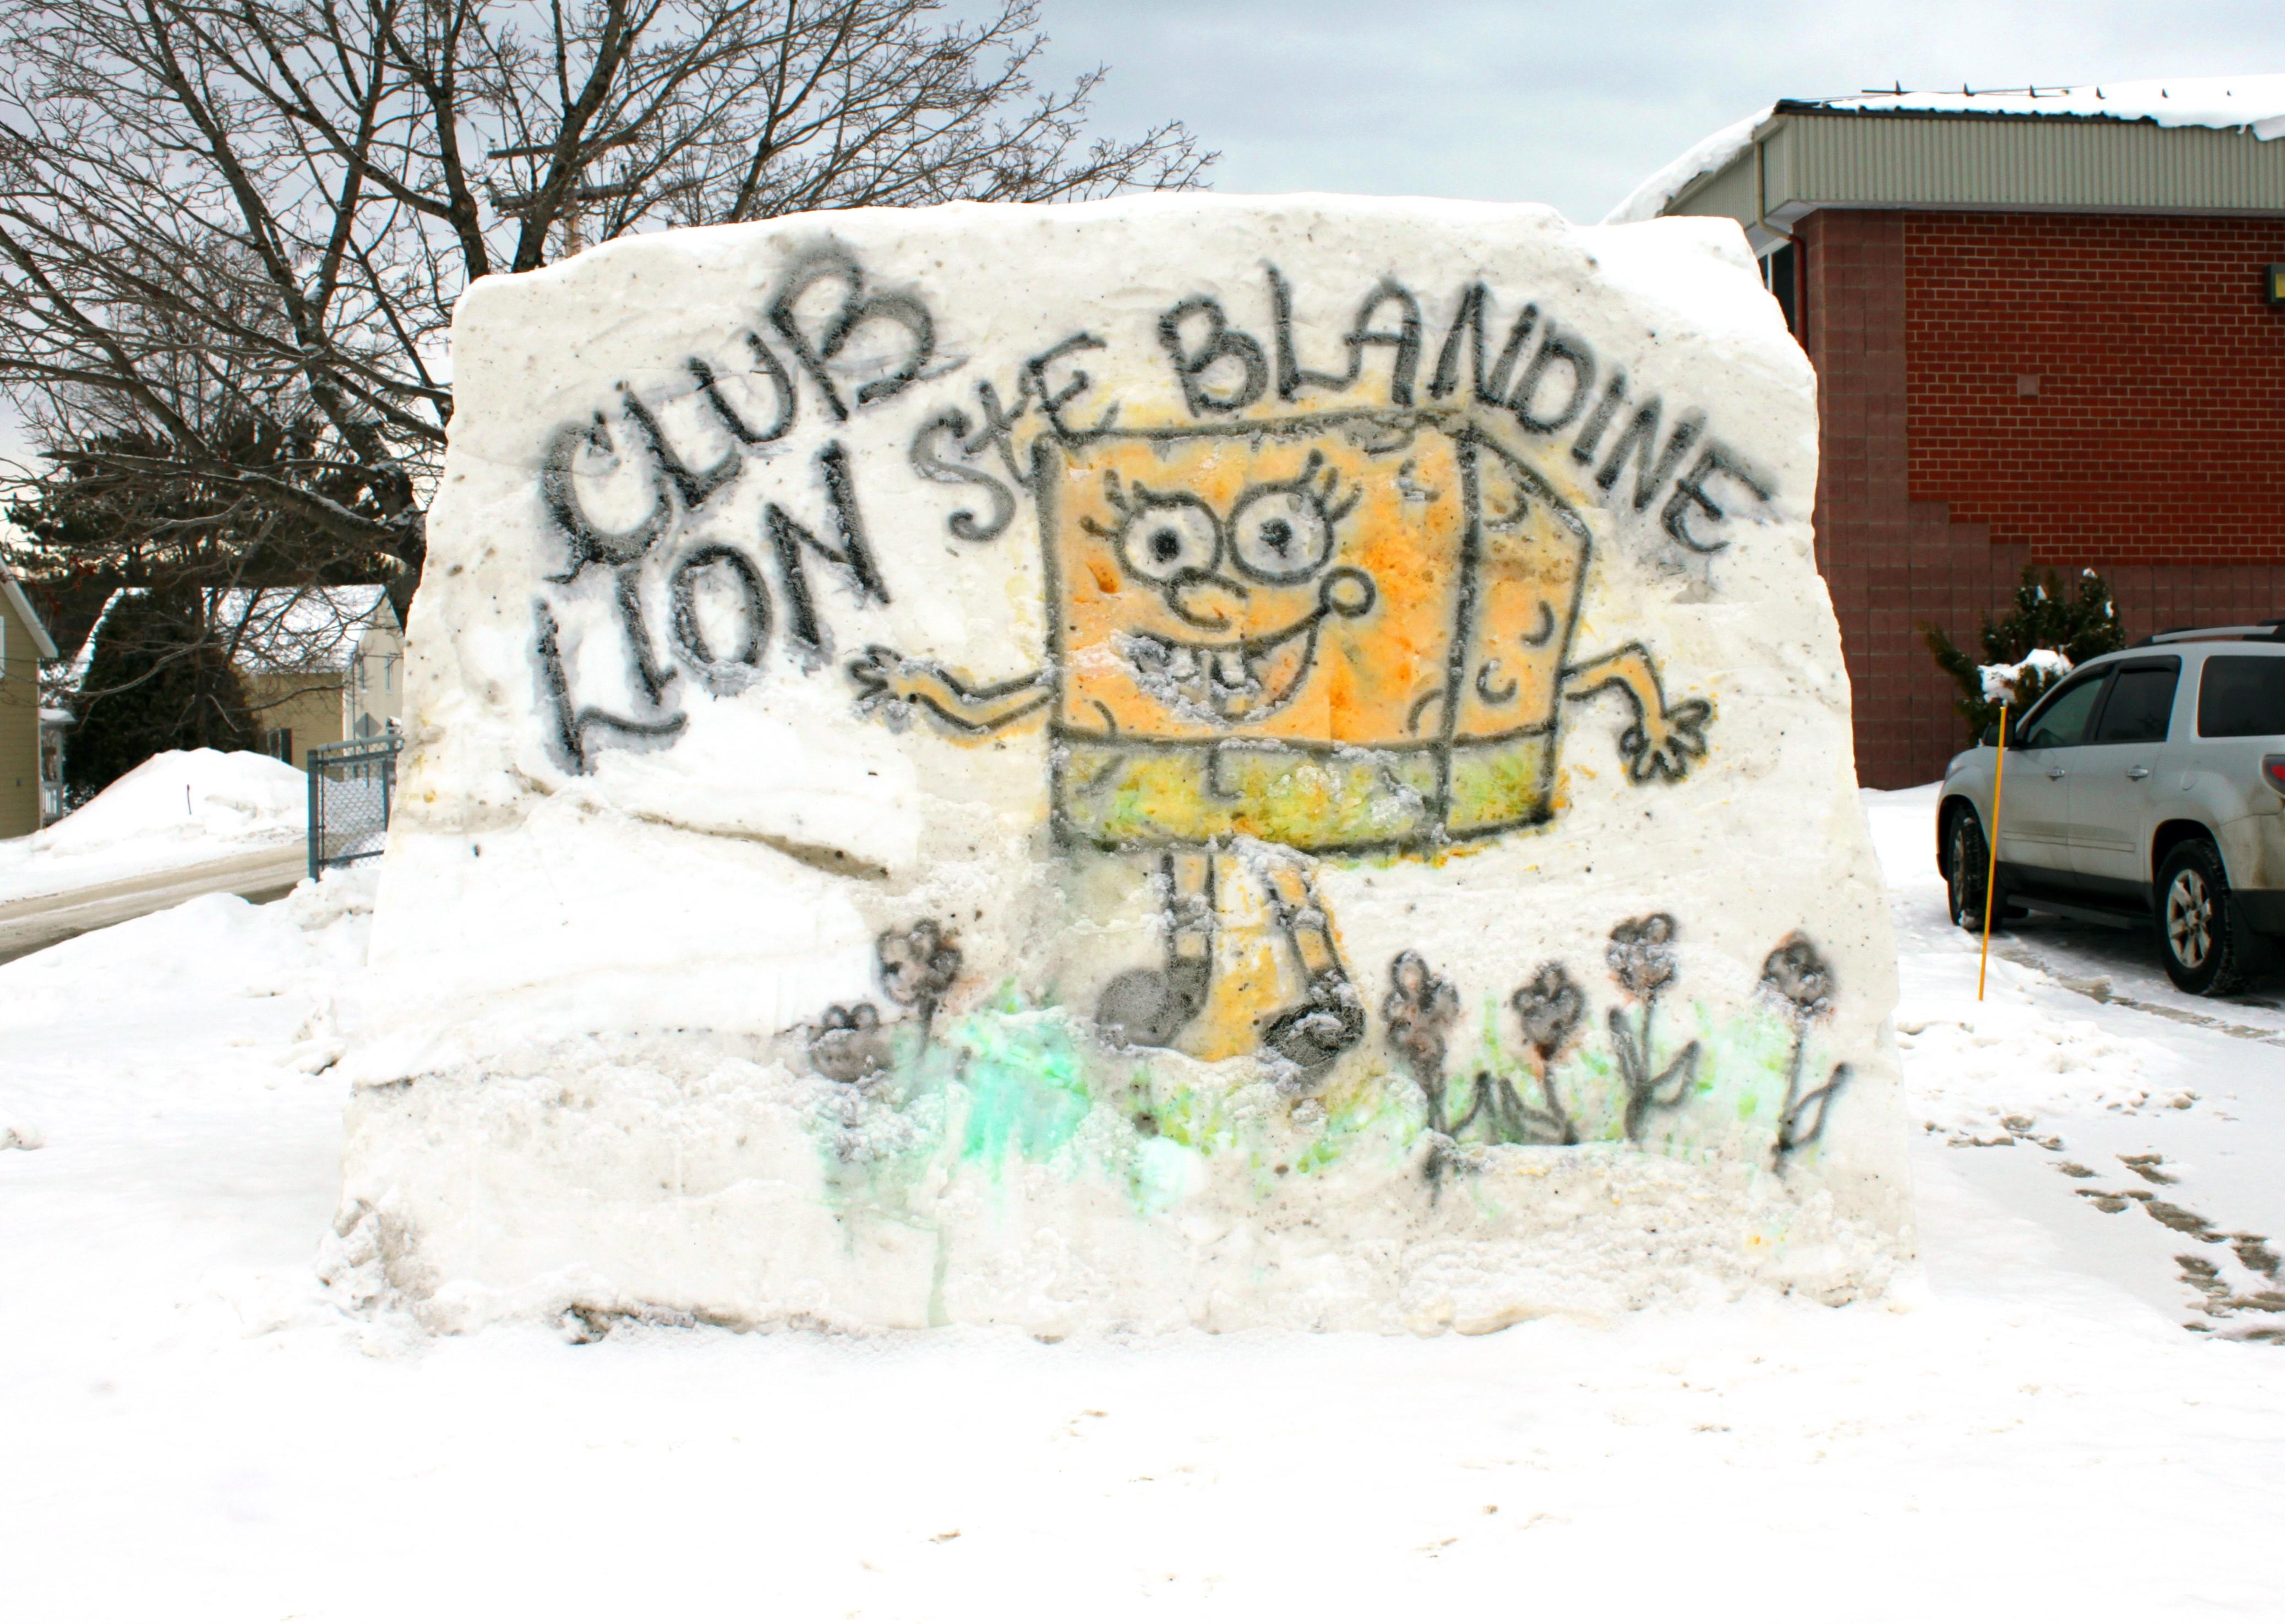 Une sculpture géante a été créée devant l'école des Merisiers de Sainte-Blandine pour lancer une collecte de fonds. Club Lions.